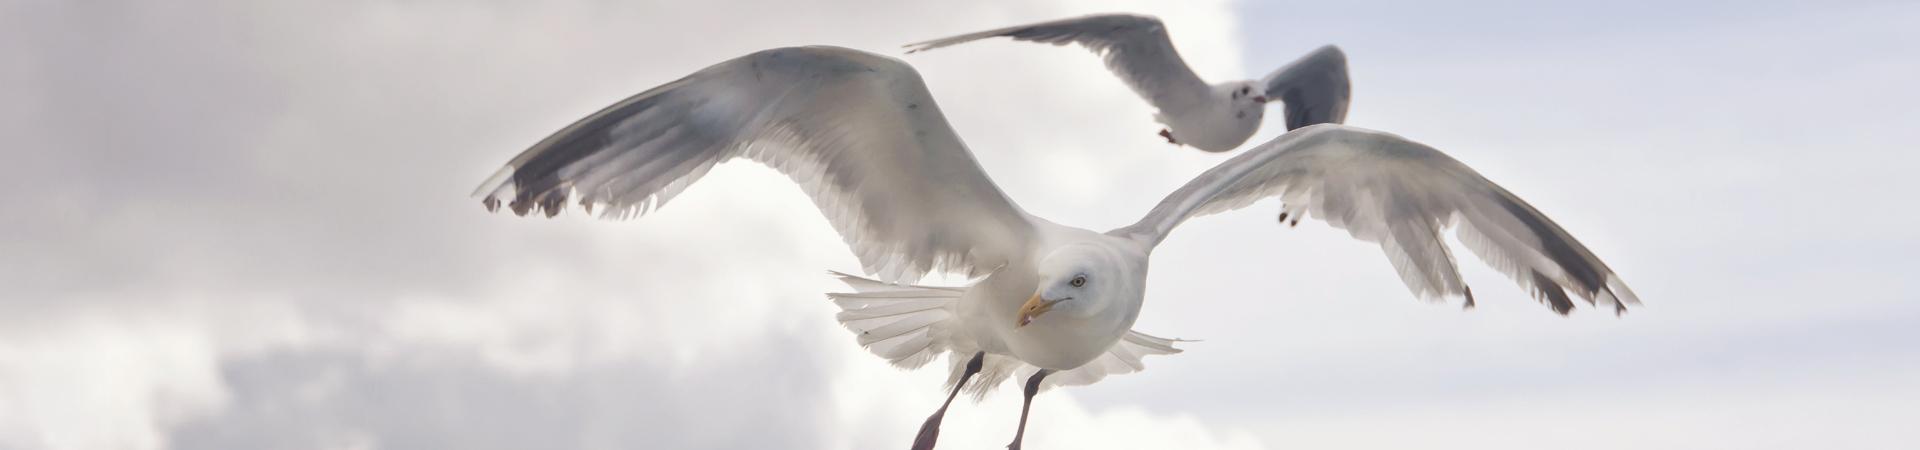 gaivotaquenaopescaeasociedadebrasileira